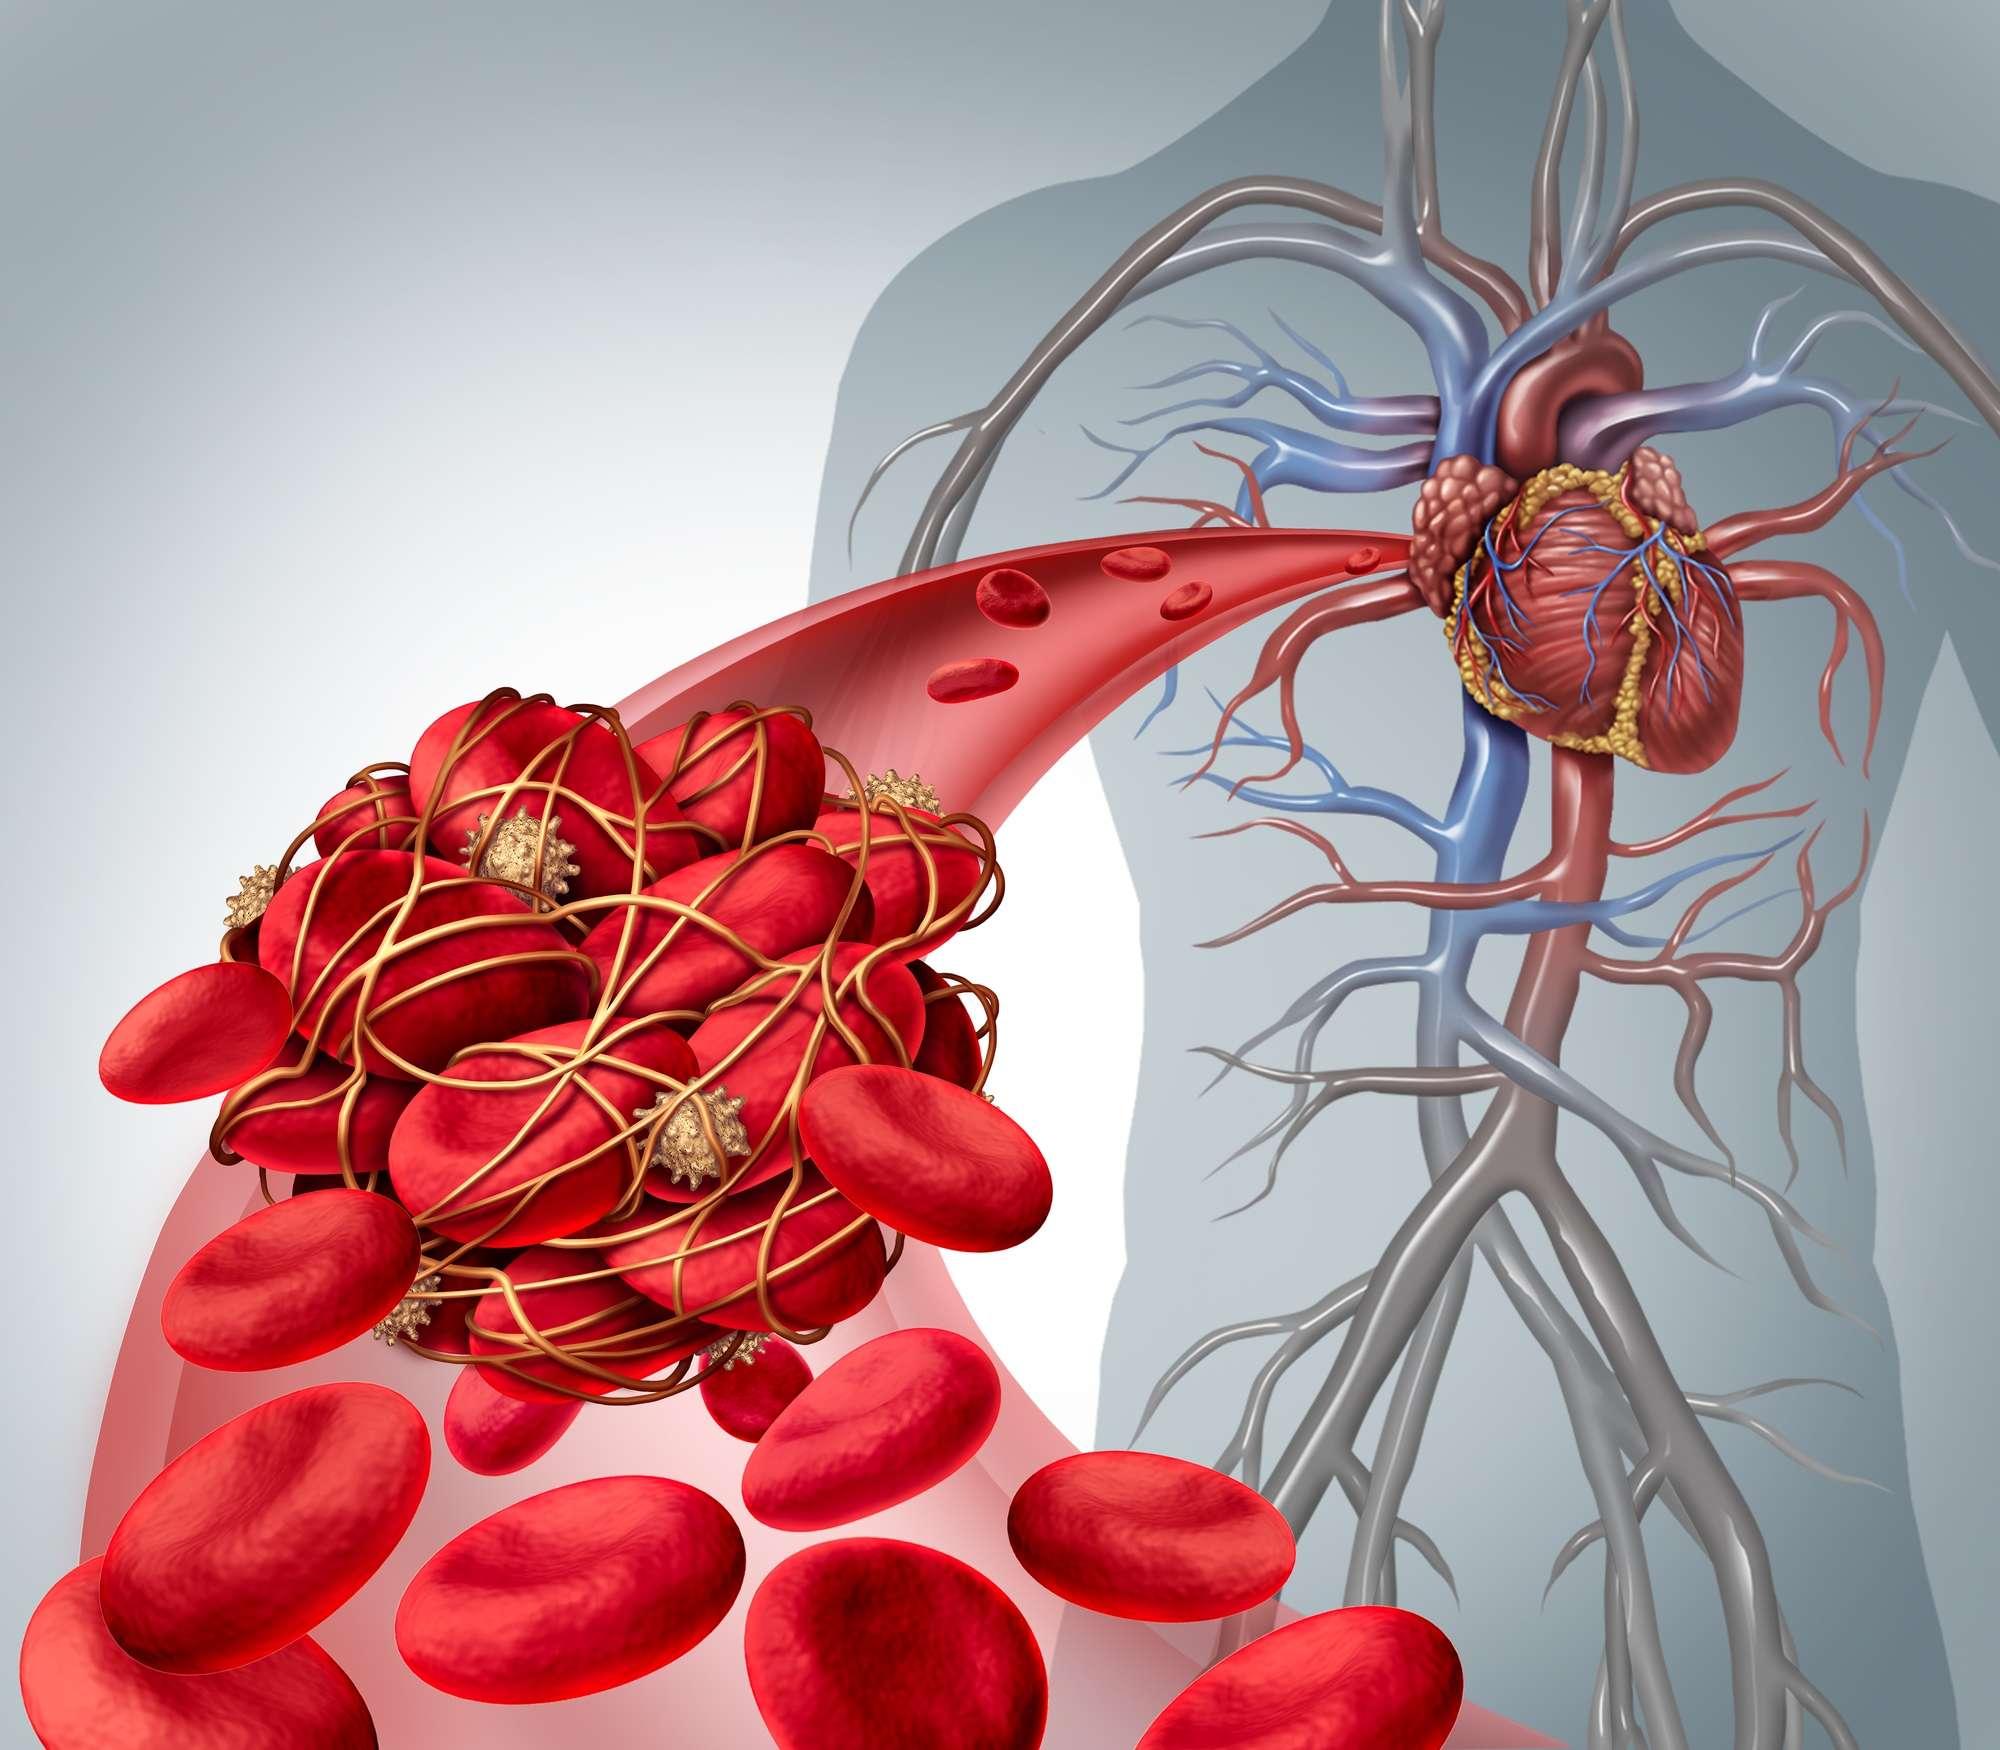 Előzze meg a vérrög kialakulását véralvadás panel vizsgálattal